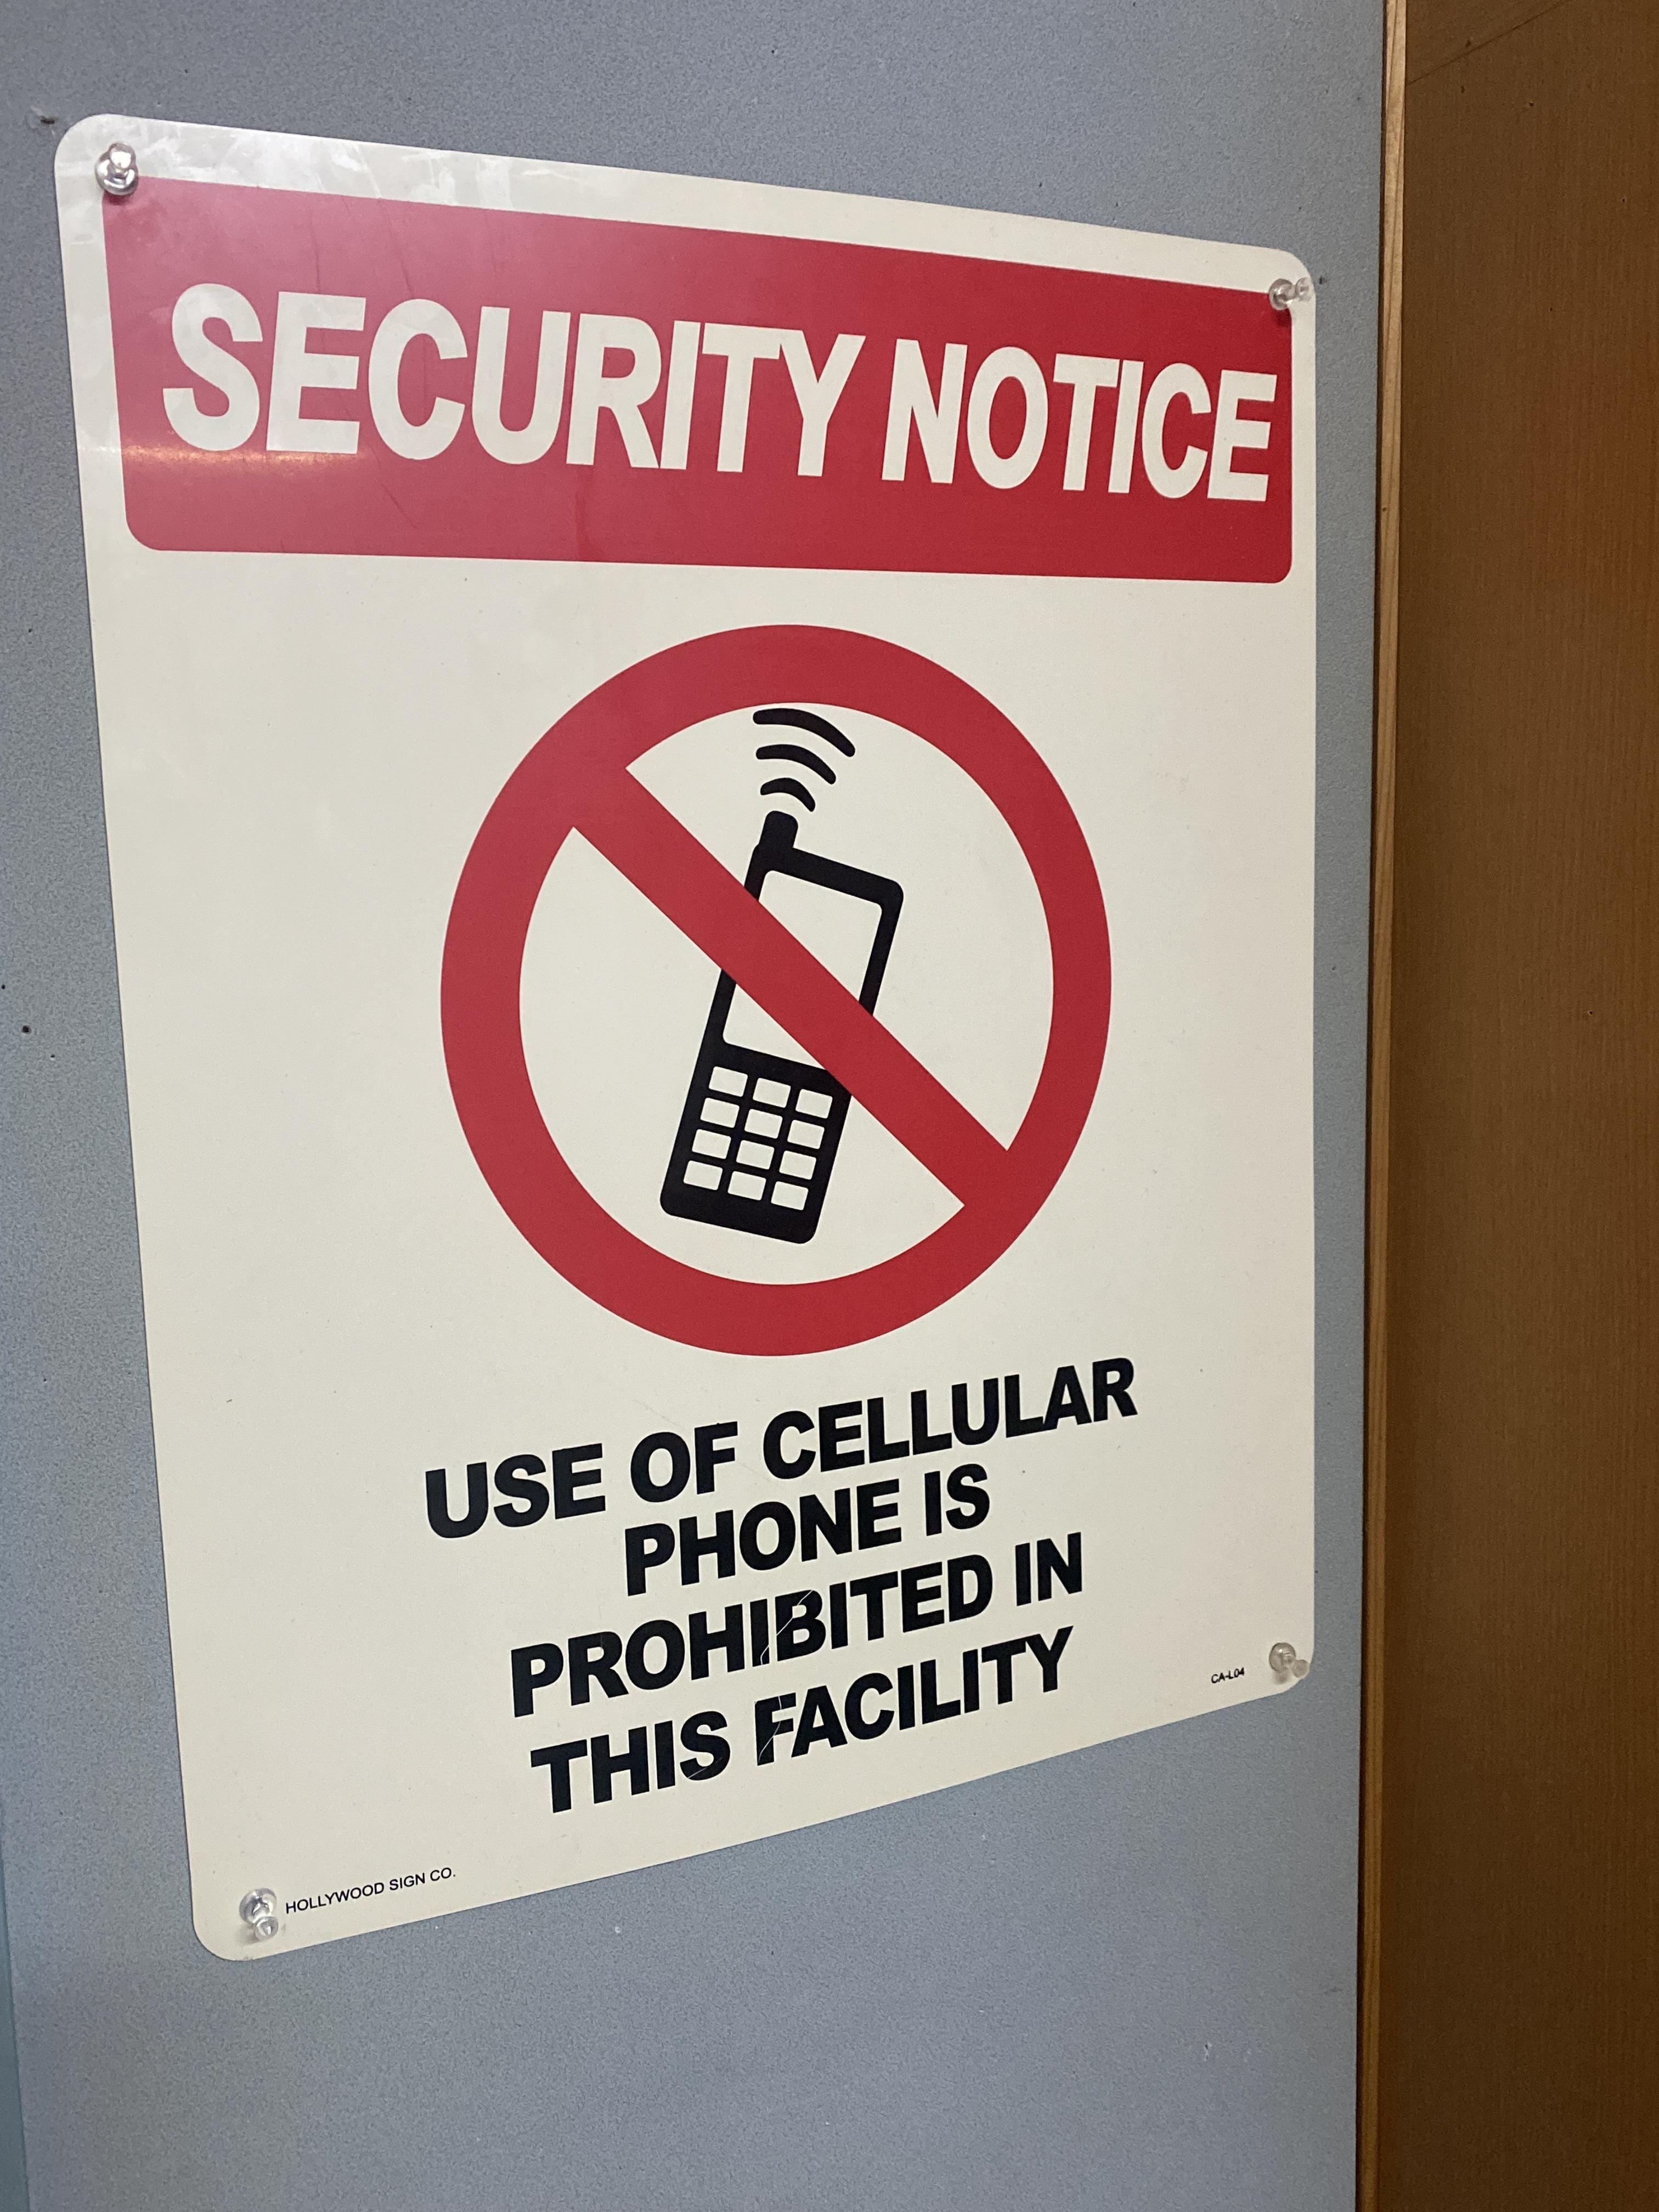 プラスチック看板 アメリカン雑貨 電話禁止? ビックサイズ 展示品処分